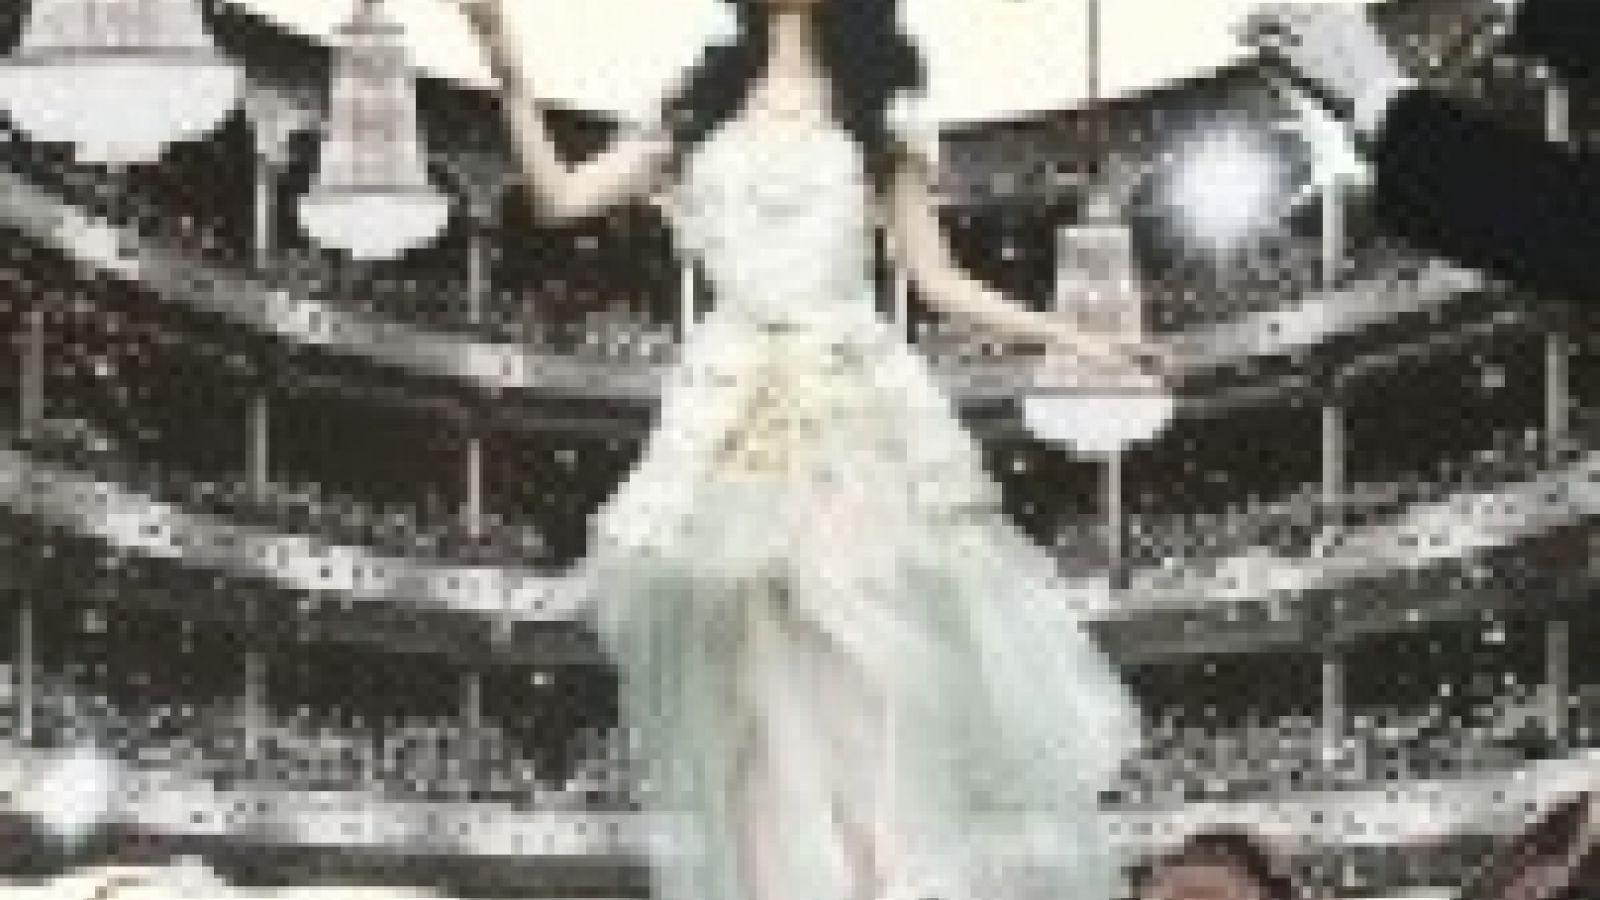 Nana Mizuki Live Grace - Orchestra- será lançado em outubro © Avex Entertainment Inc.